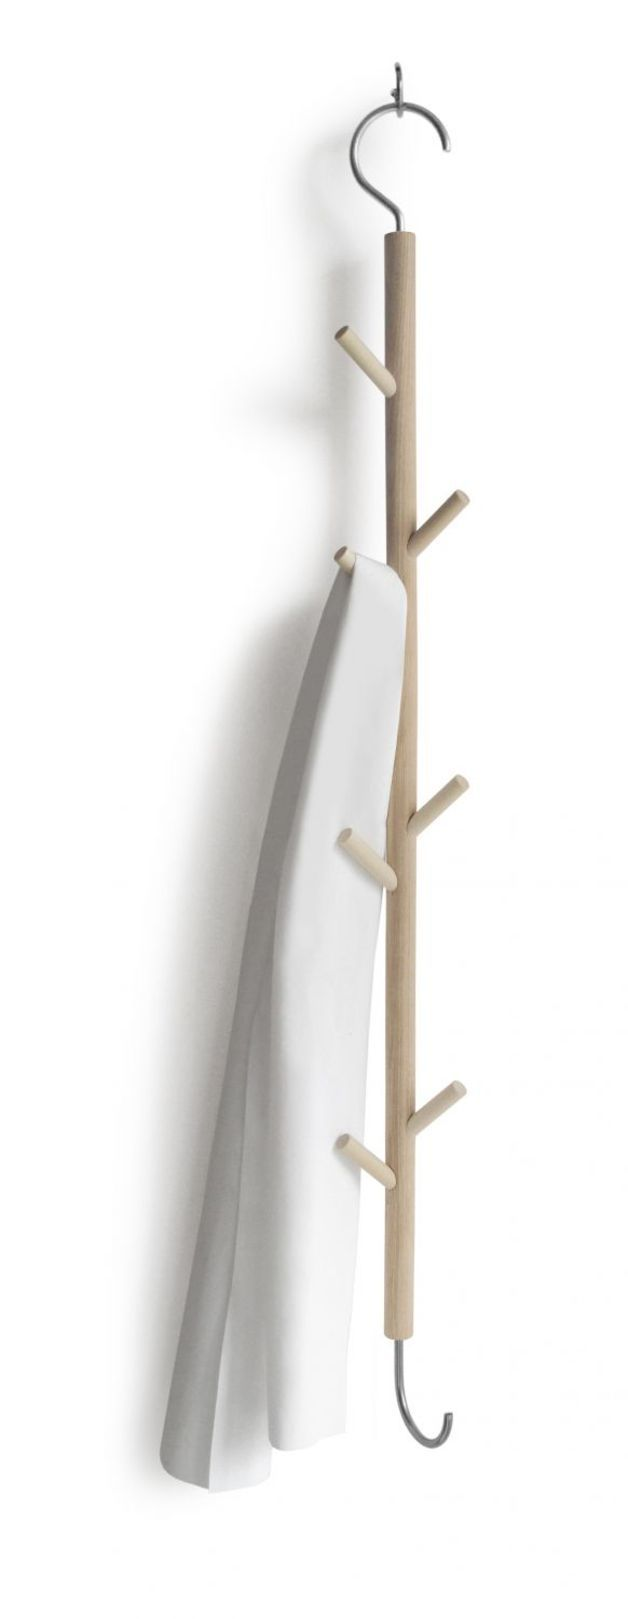 die besten 17 ideen zu garderobenhaken design auf pinterest selber bauen vogelvoliere. Black Bedroom Furniture Sets. Home Design Ideas